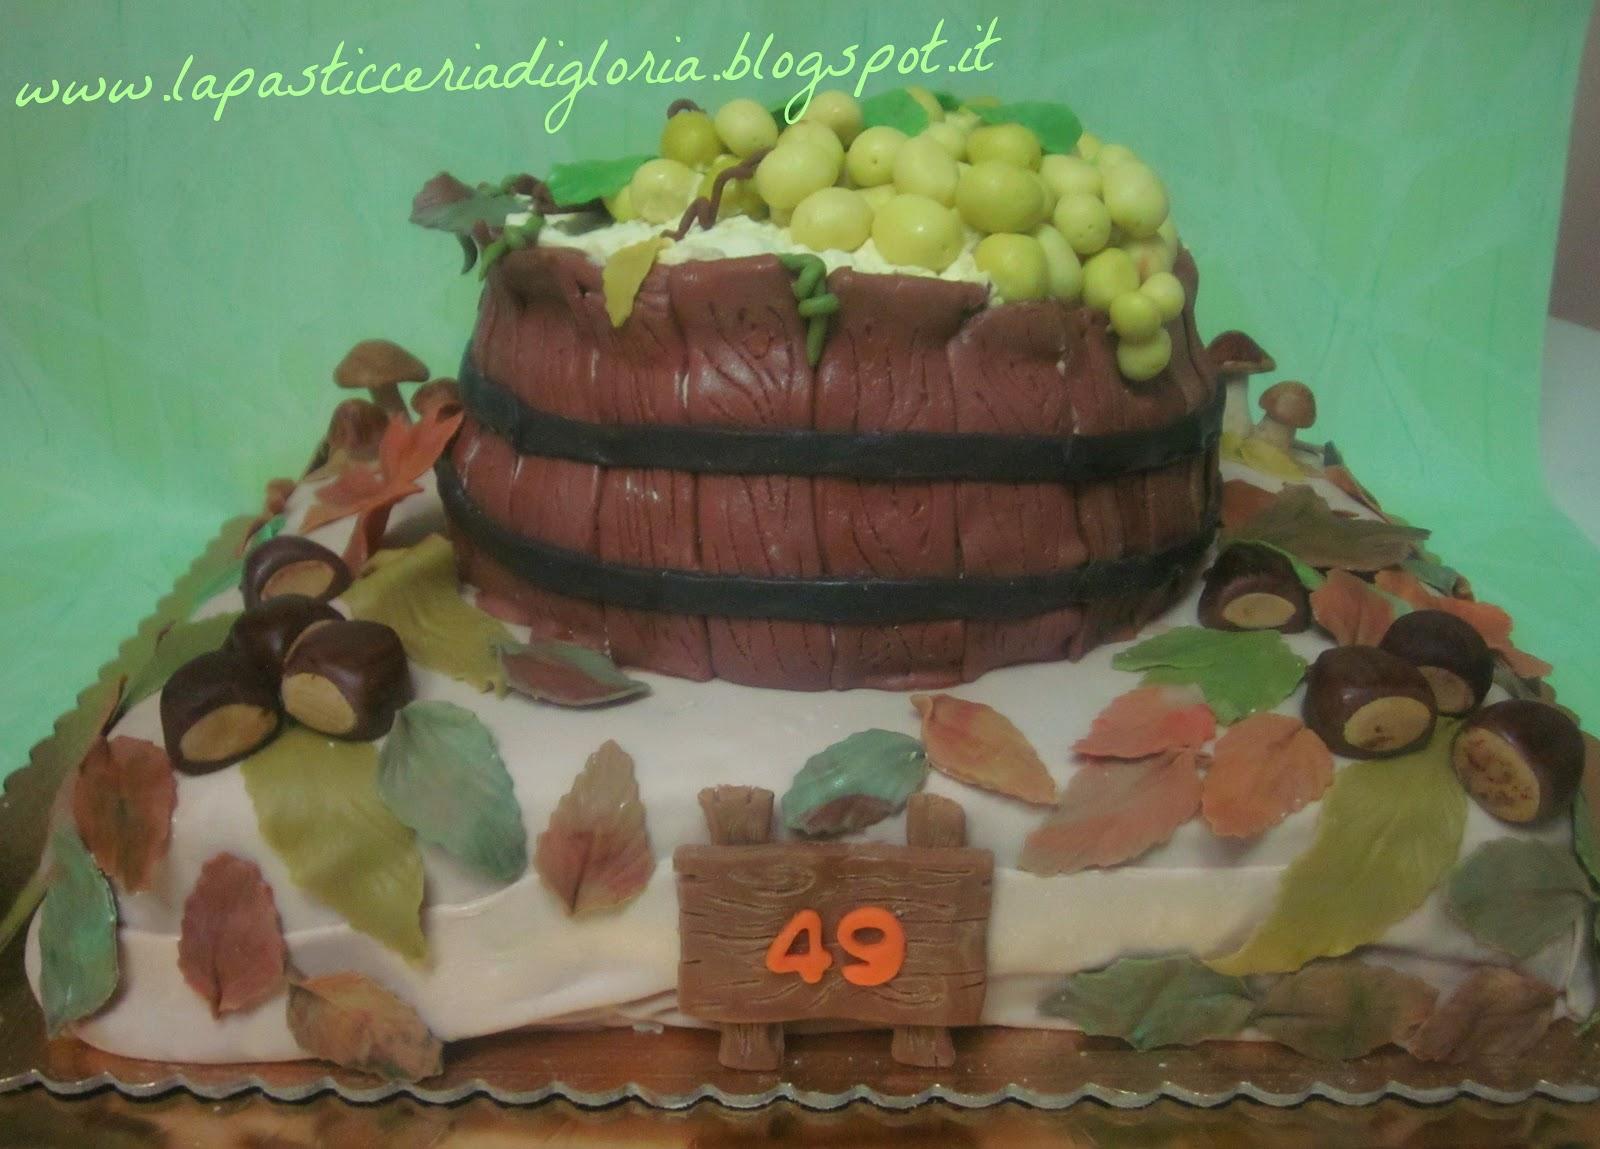 Pranzo Di Compleanno Autunnale : La pasticceria di gloria torta ispirata all autunno e alla vendemmia